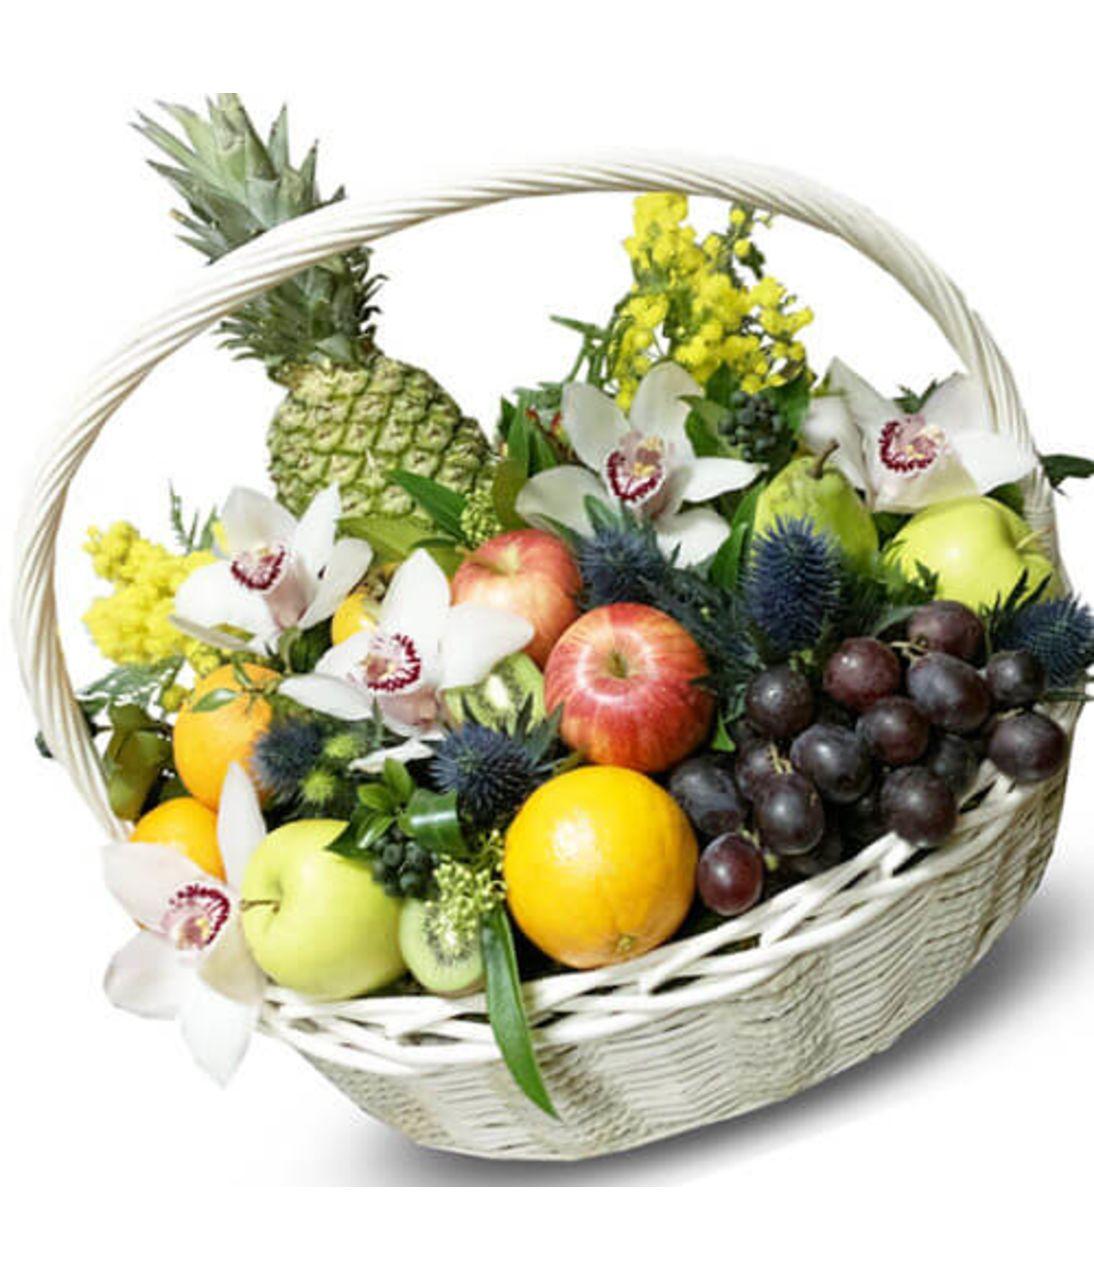 Велика корзина з квітами і фруктами. Superflowers.com.ua